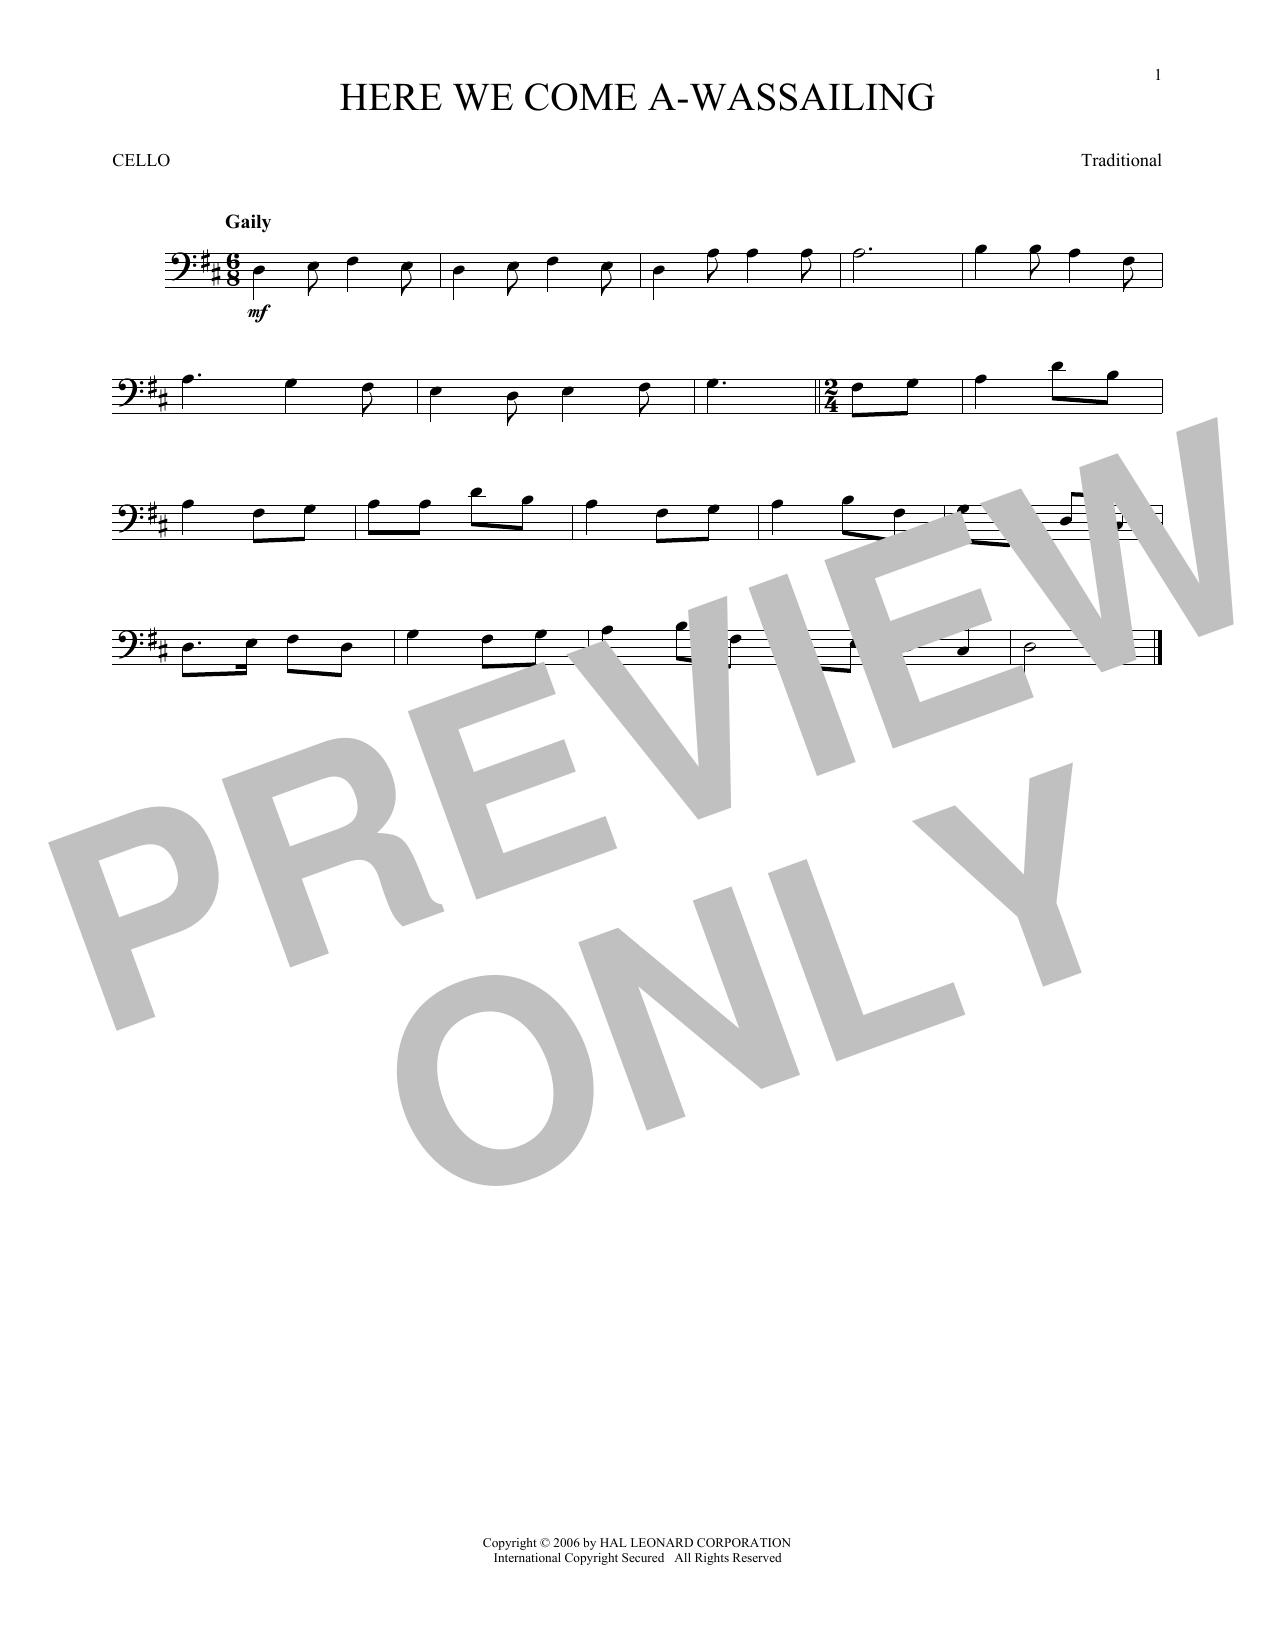 Here We Come A-Wassailing (Cello Solo)